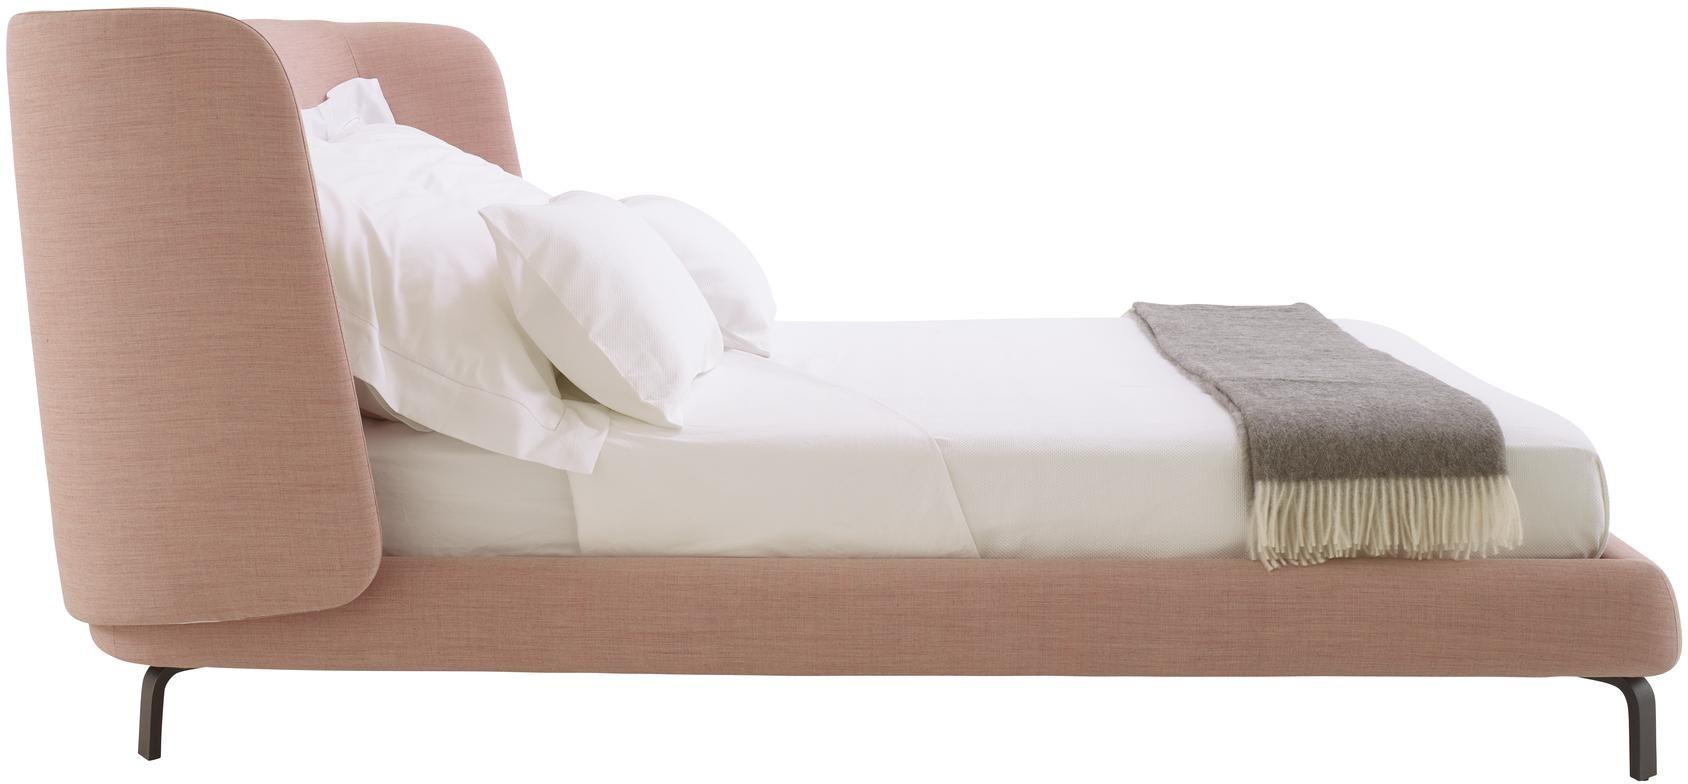 Desdemone Ligne Roset Mit Bildern Bett Mobel Bett Ideen Schlafzimmermobel